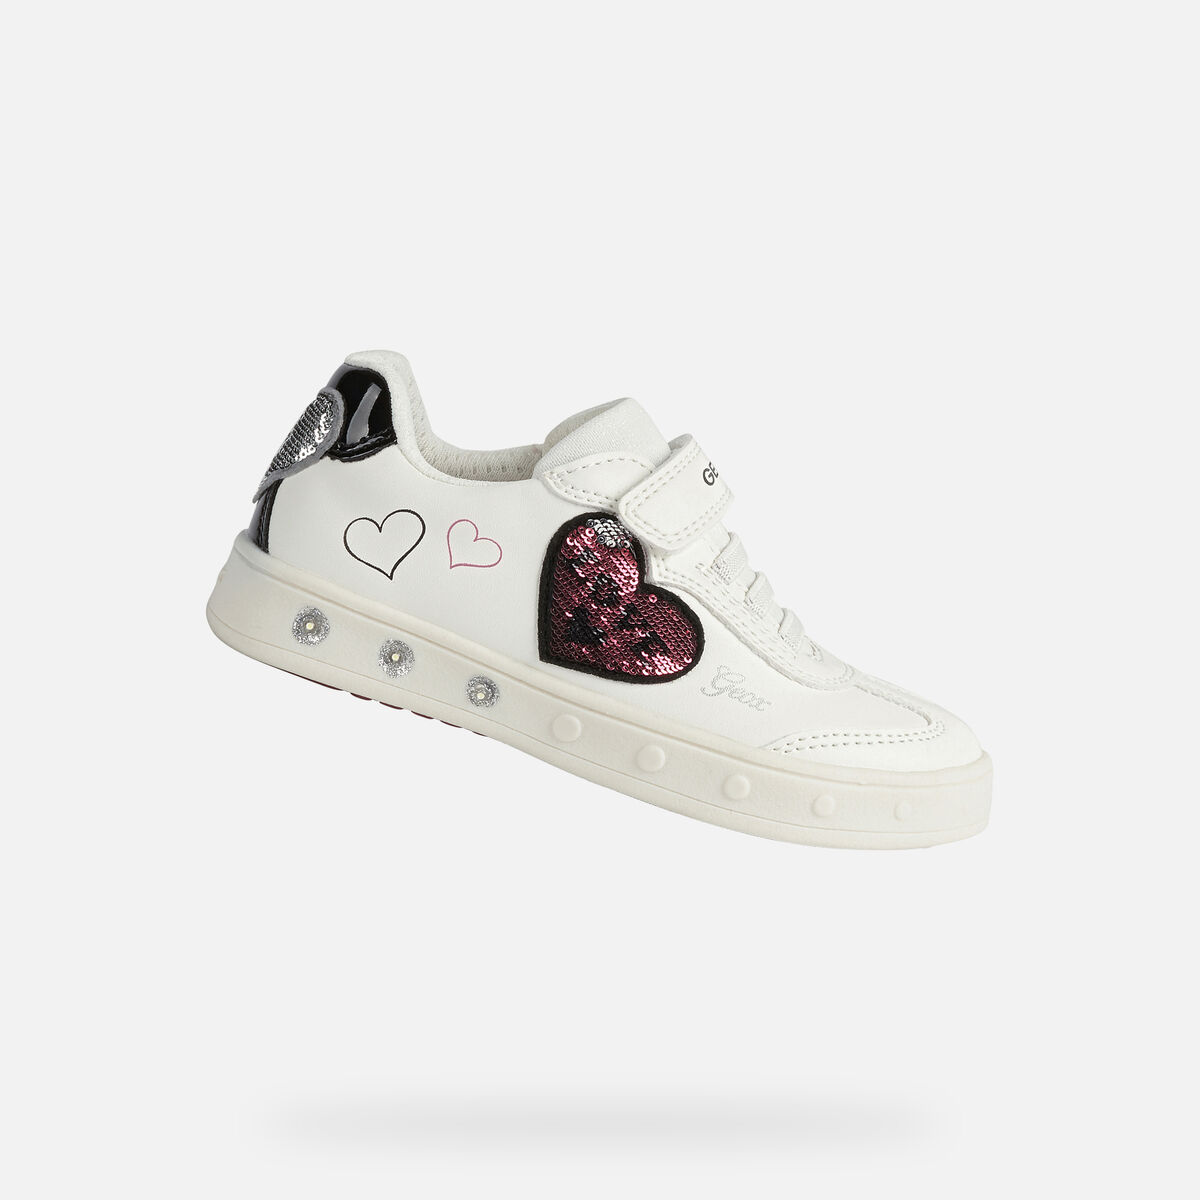 GEOX dětské boty se svítící podrážkou SKYLIN GIRL bílé - J168WD